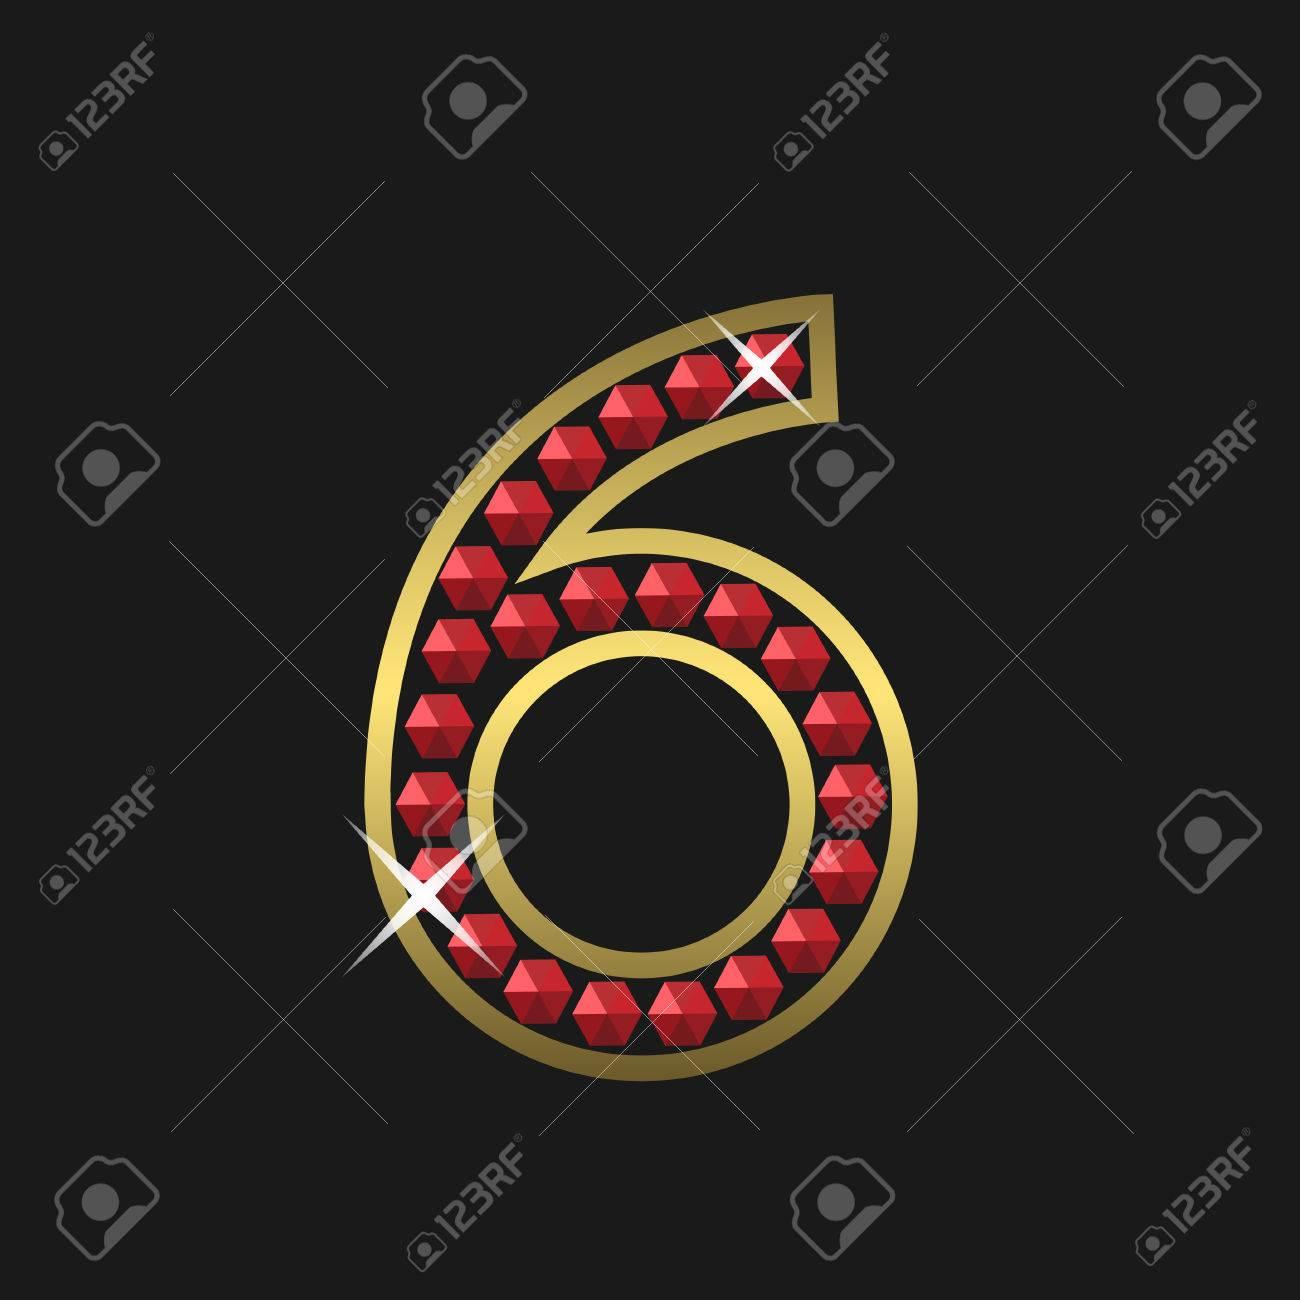 7d50aace8bda Foto de archivo - Número seis de oro símbolo con joyas rojas. De lujo